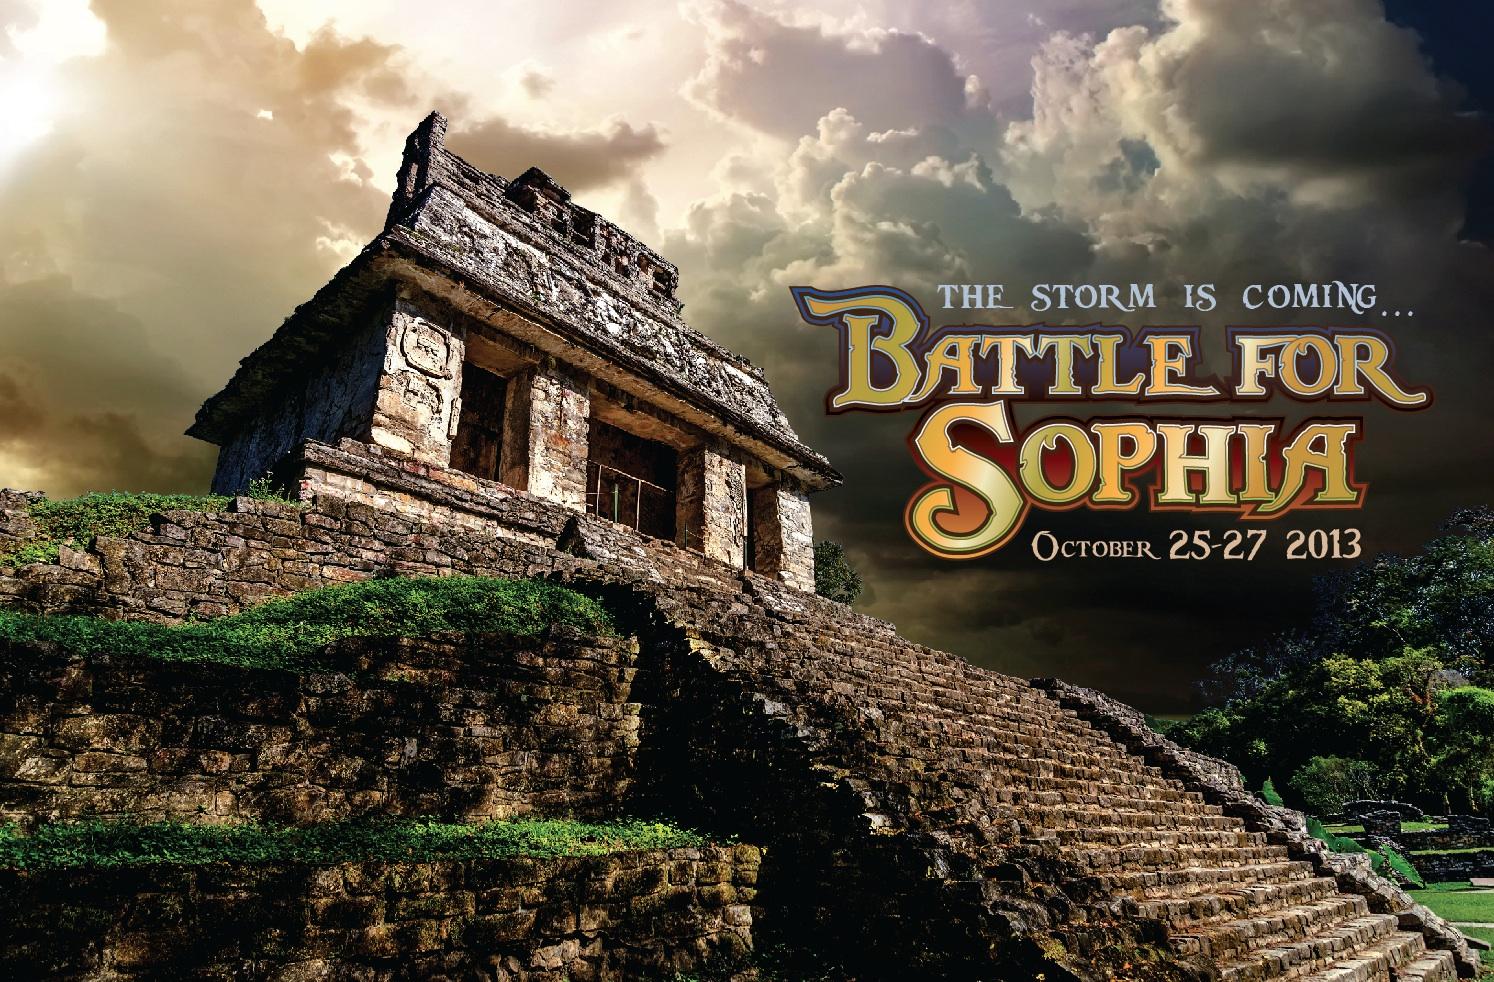 battle for sophia